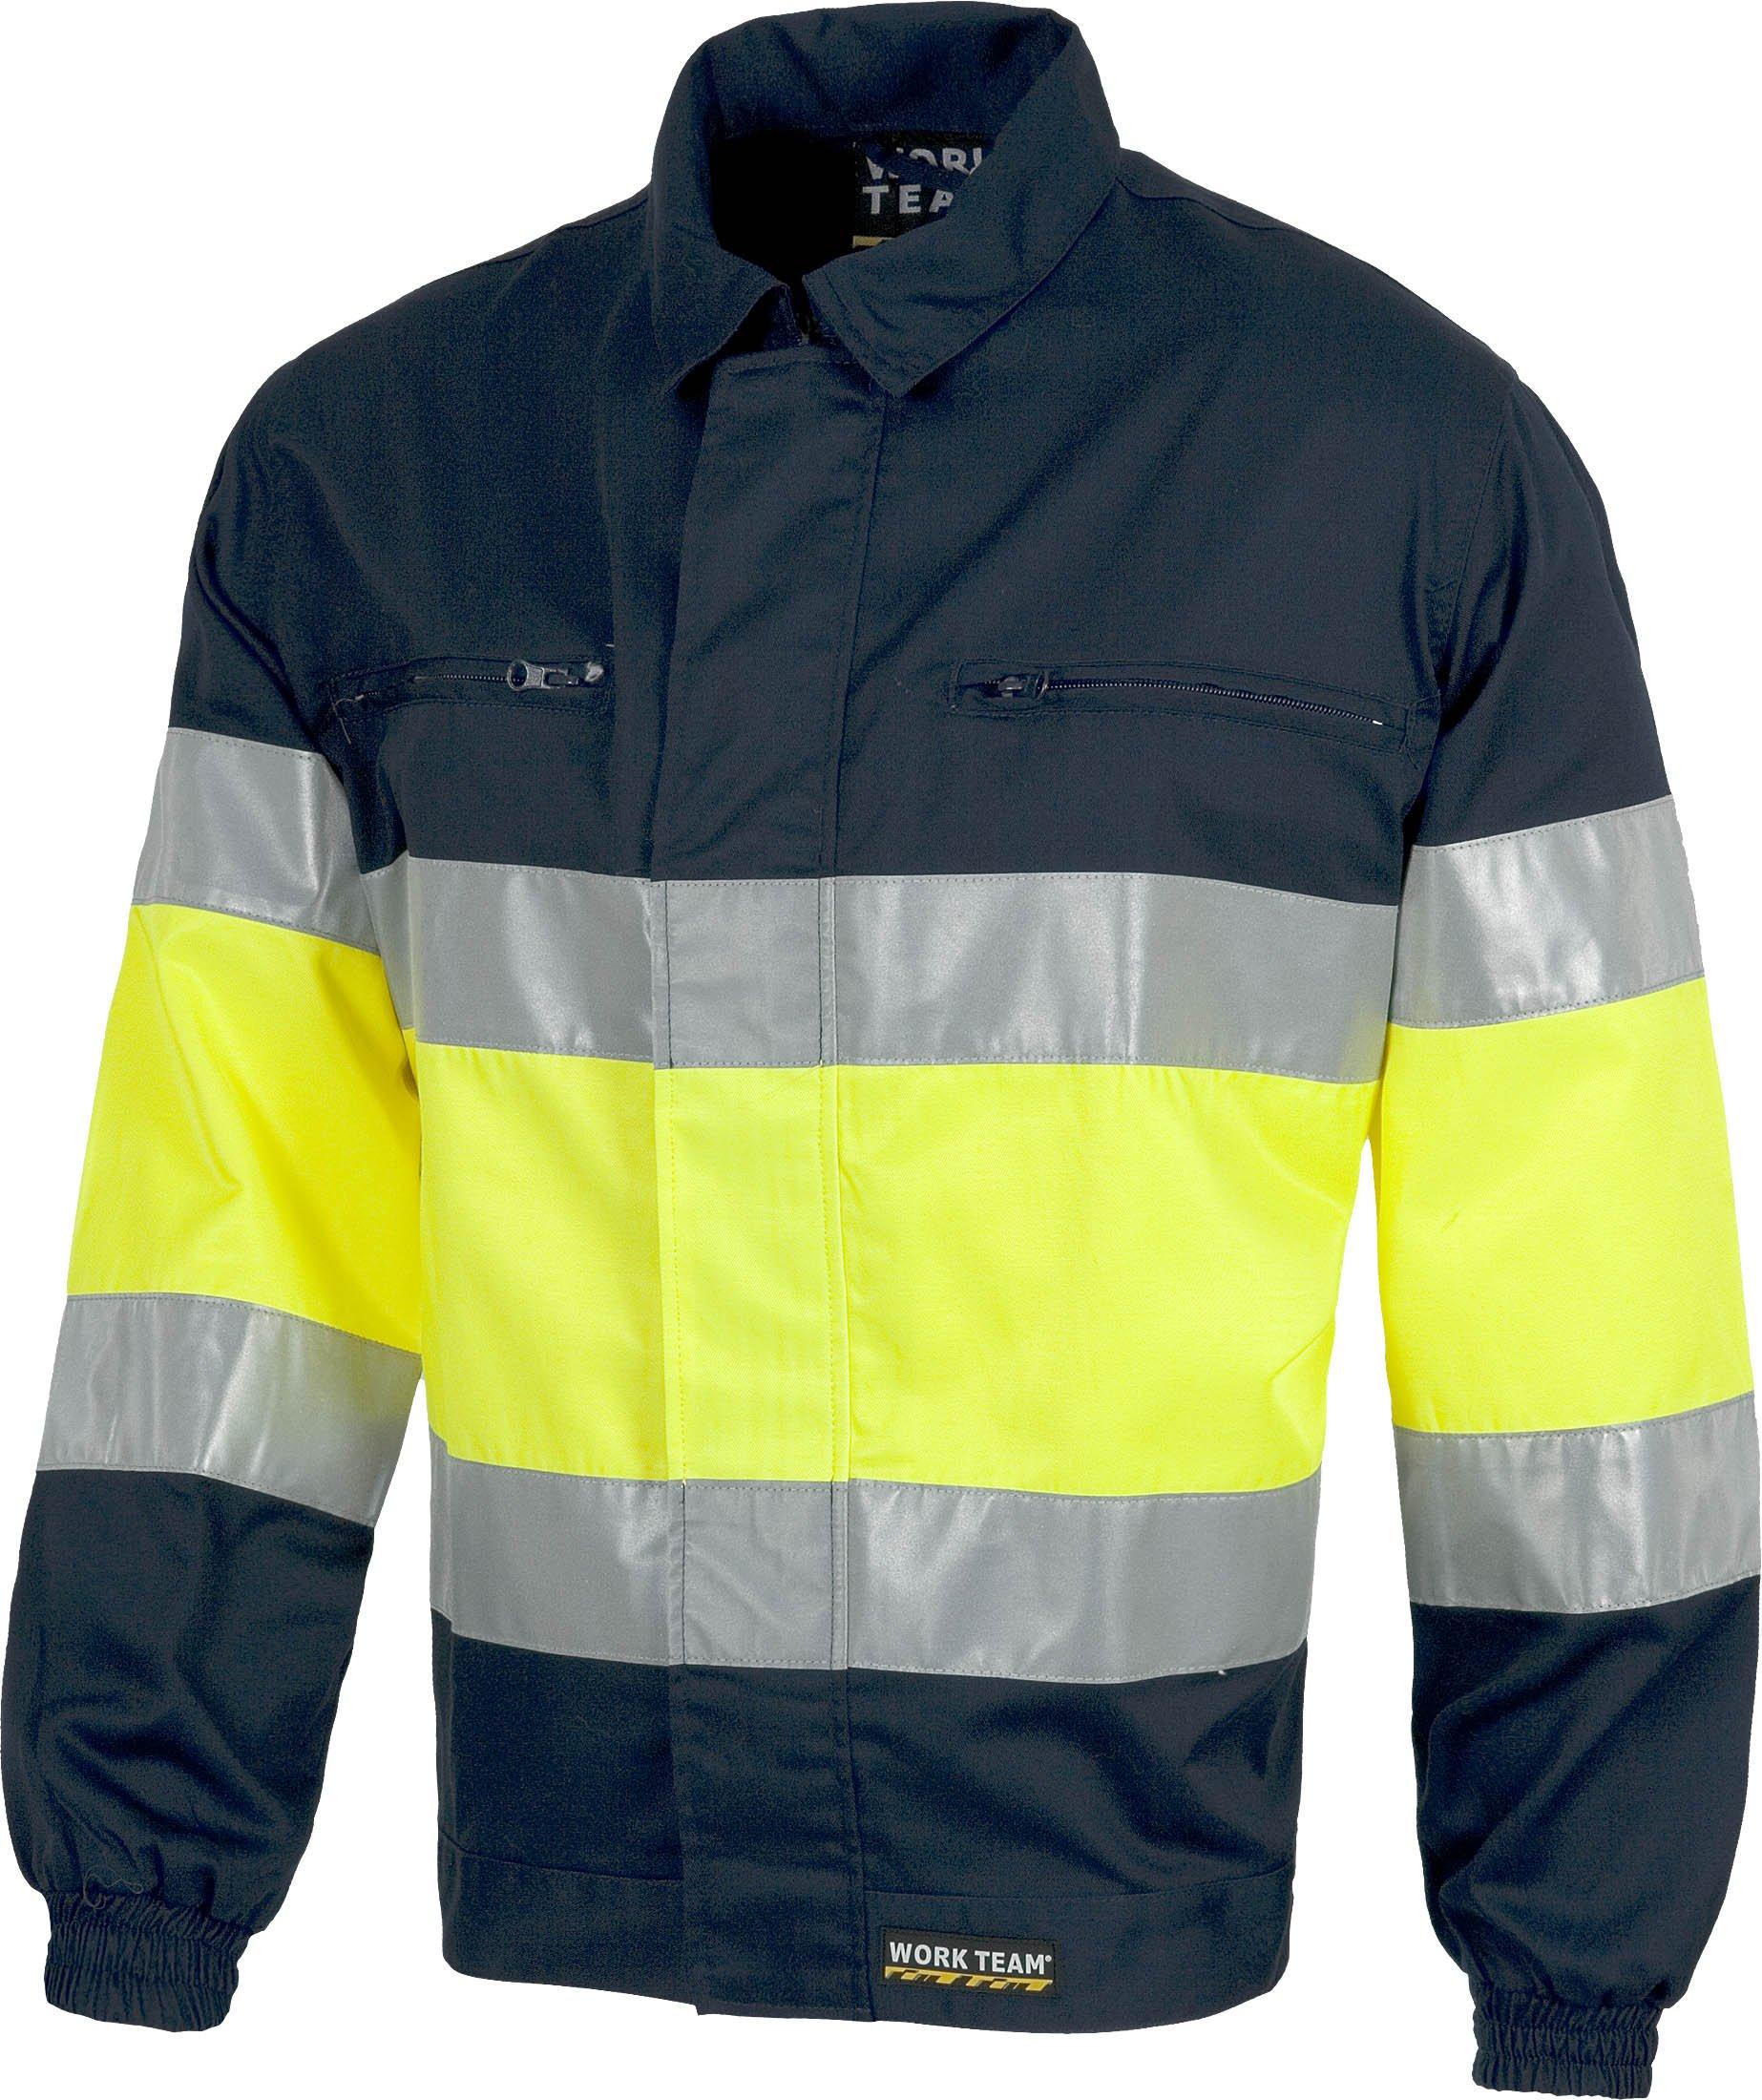 Normativa Vestuario Laboral, ropa de protección y normativa